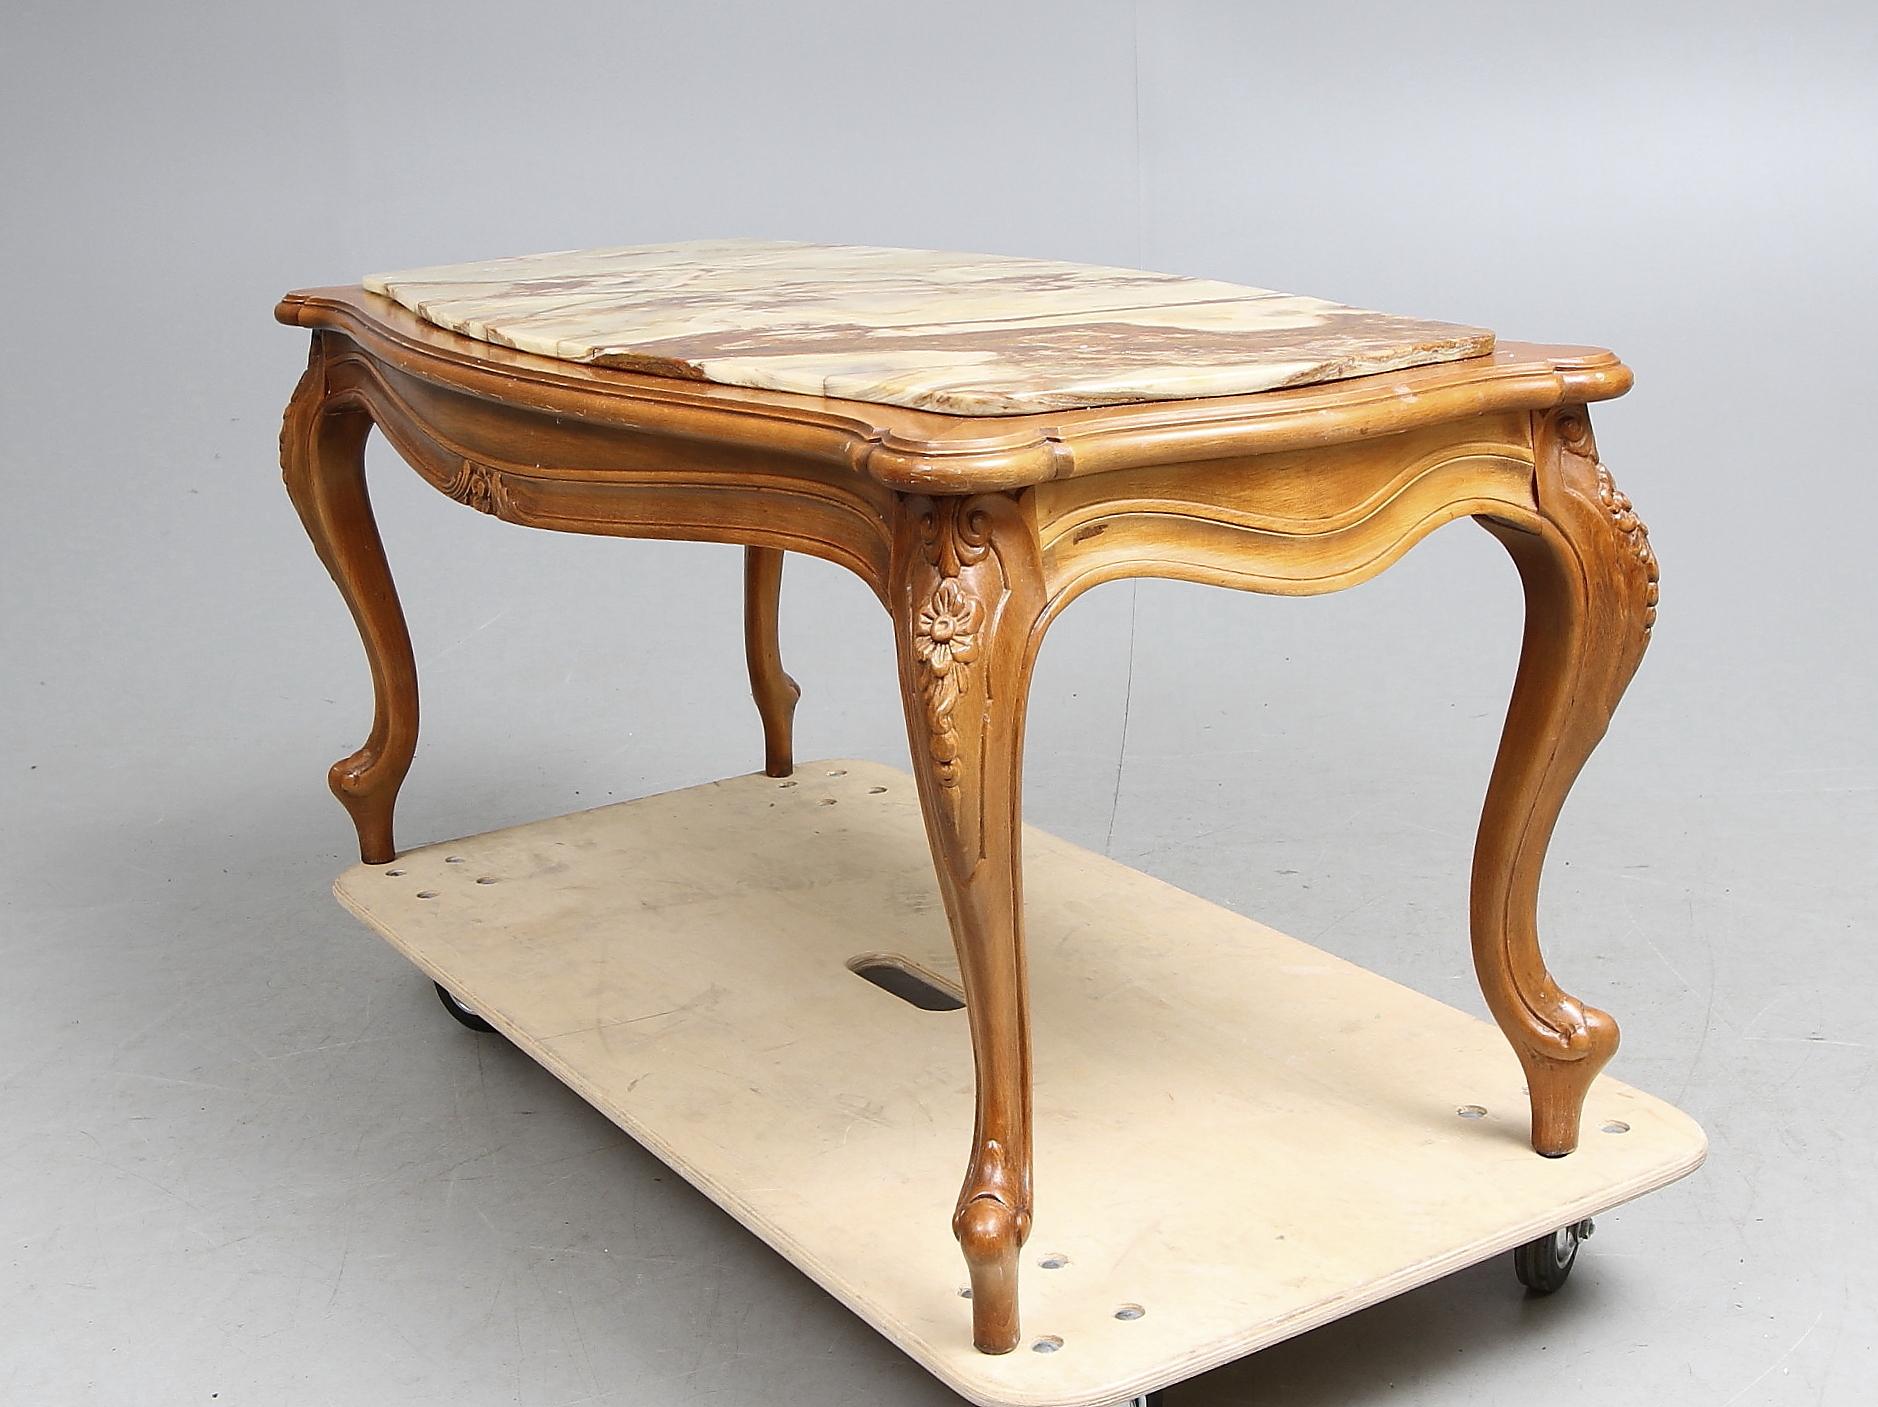 Images for 150706 SOFFBORD med stenskiva, rokokostil, 1900 tal Auctionet